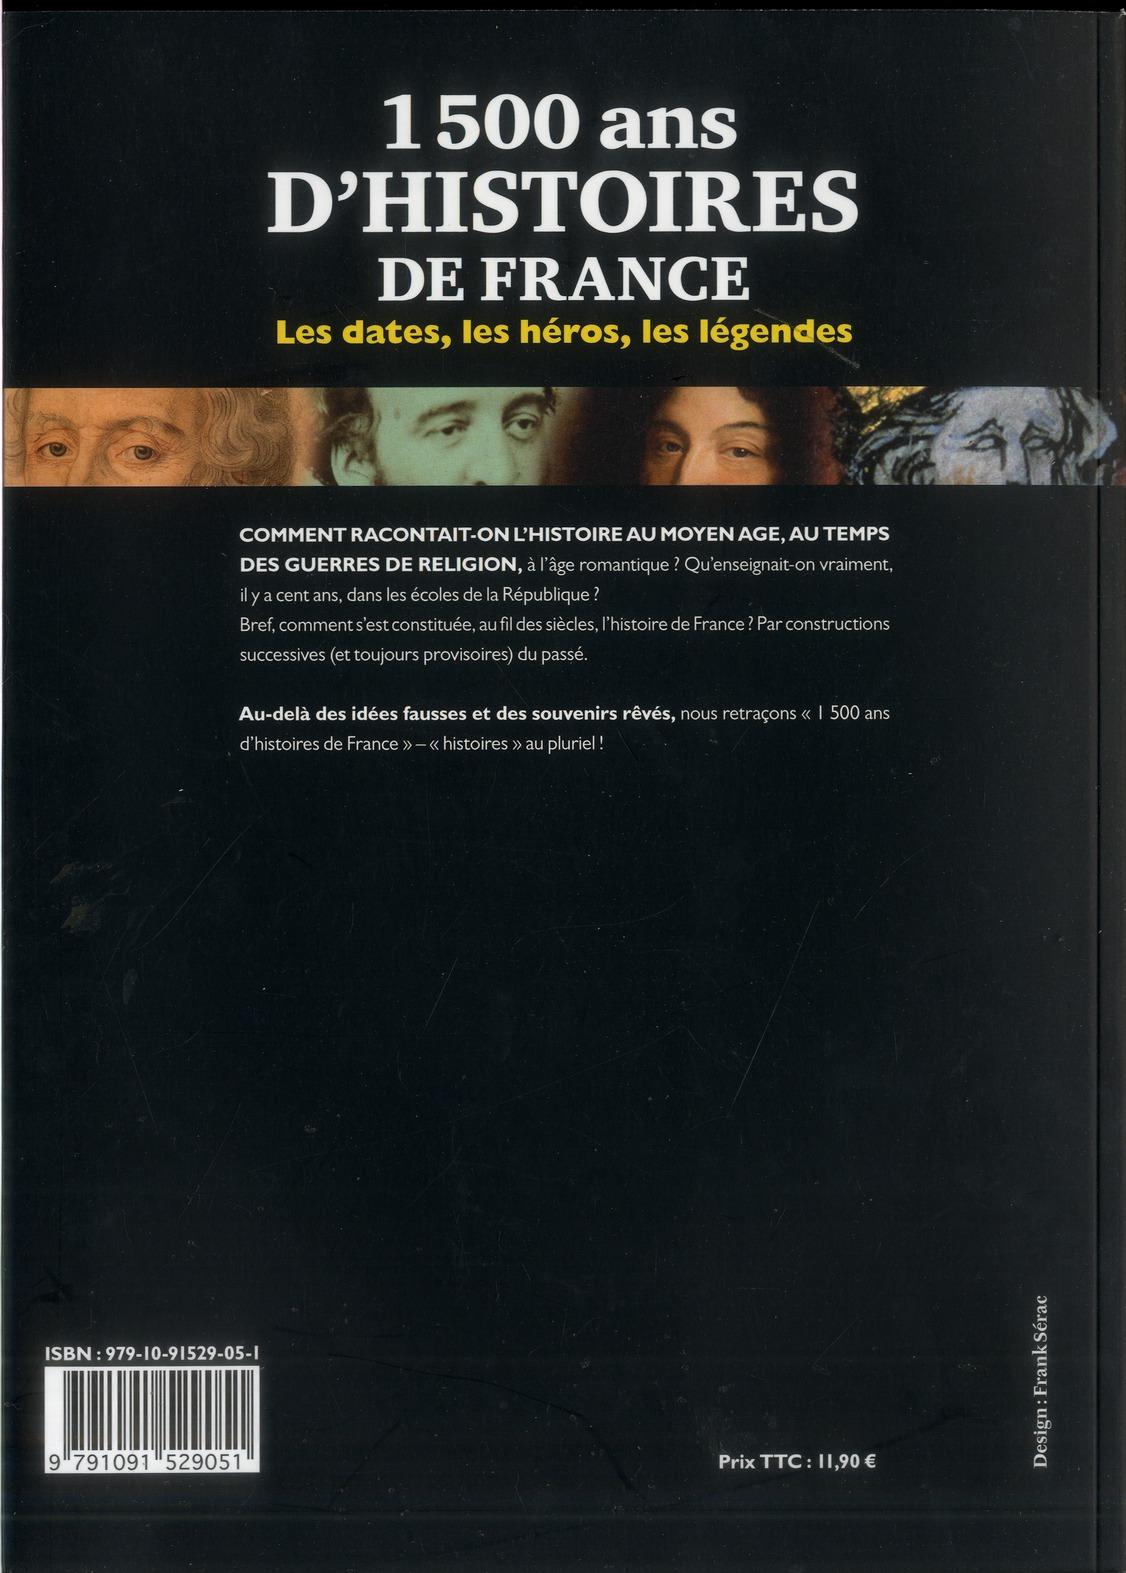 1500 ans d'histoire de France